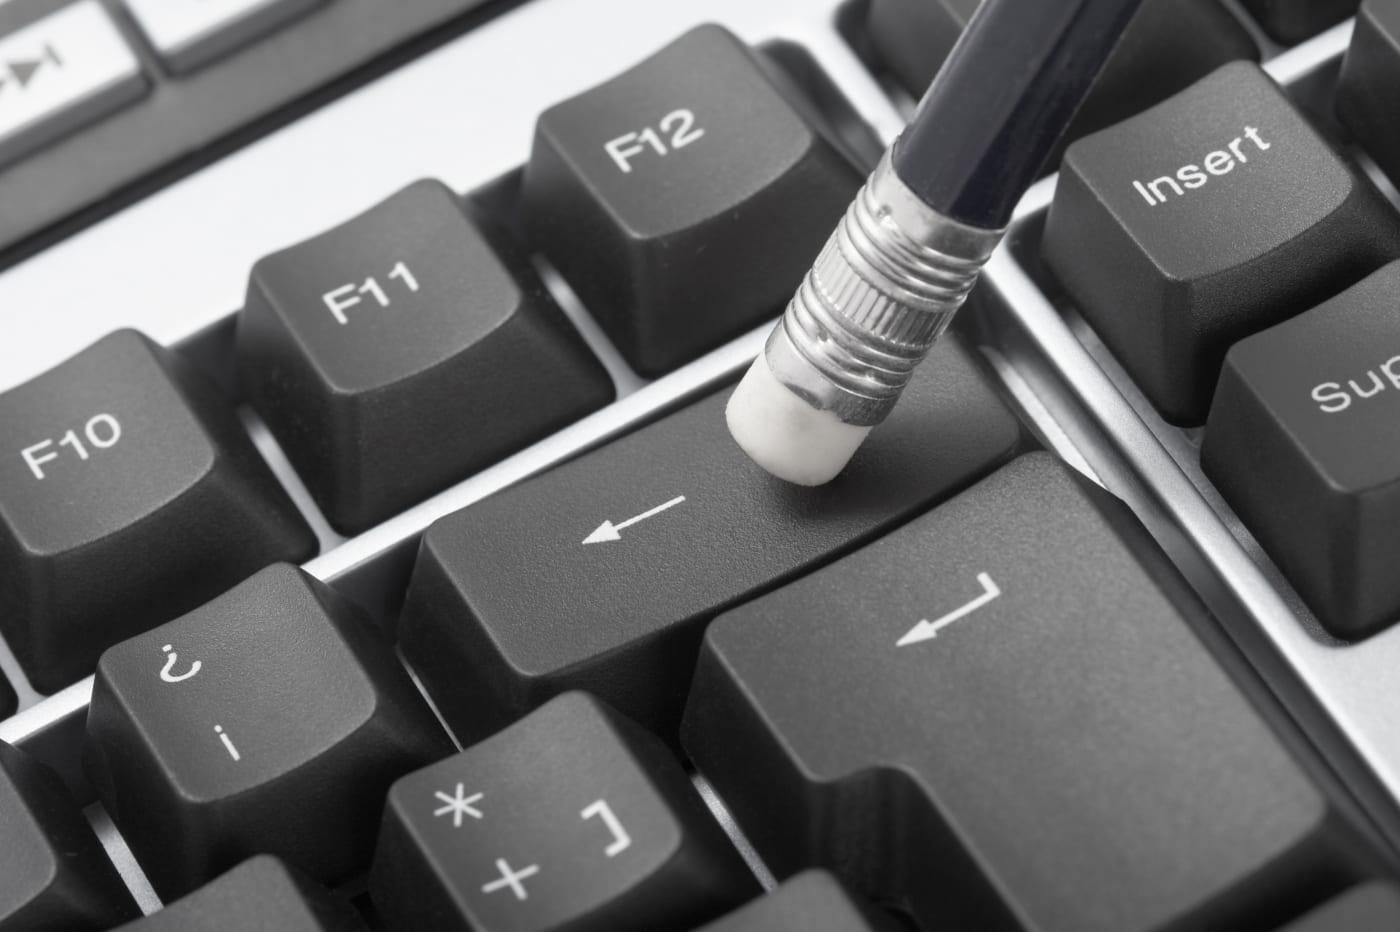 连按 28 次退格键,就能进入大部份 Linux 系统了...